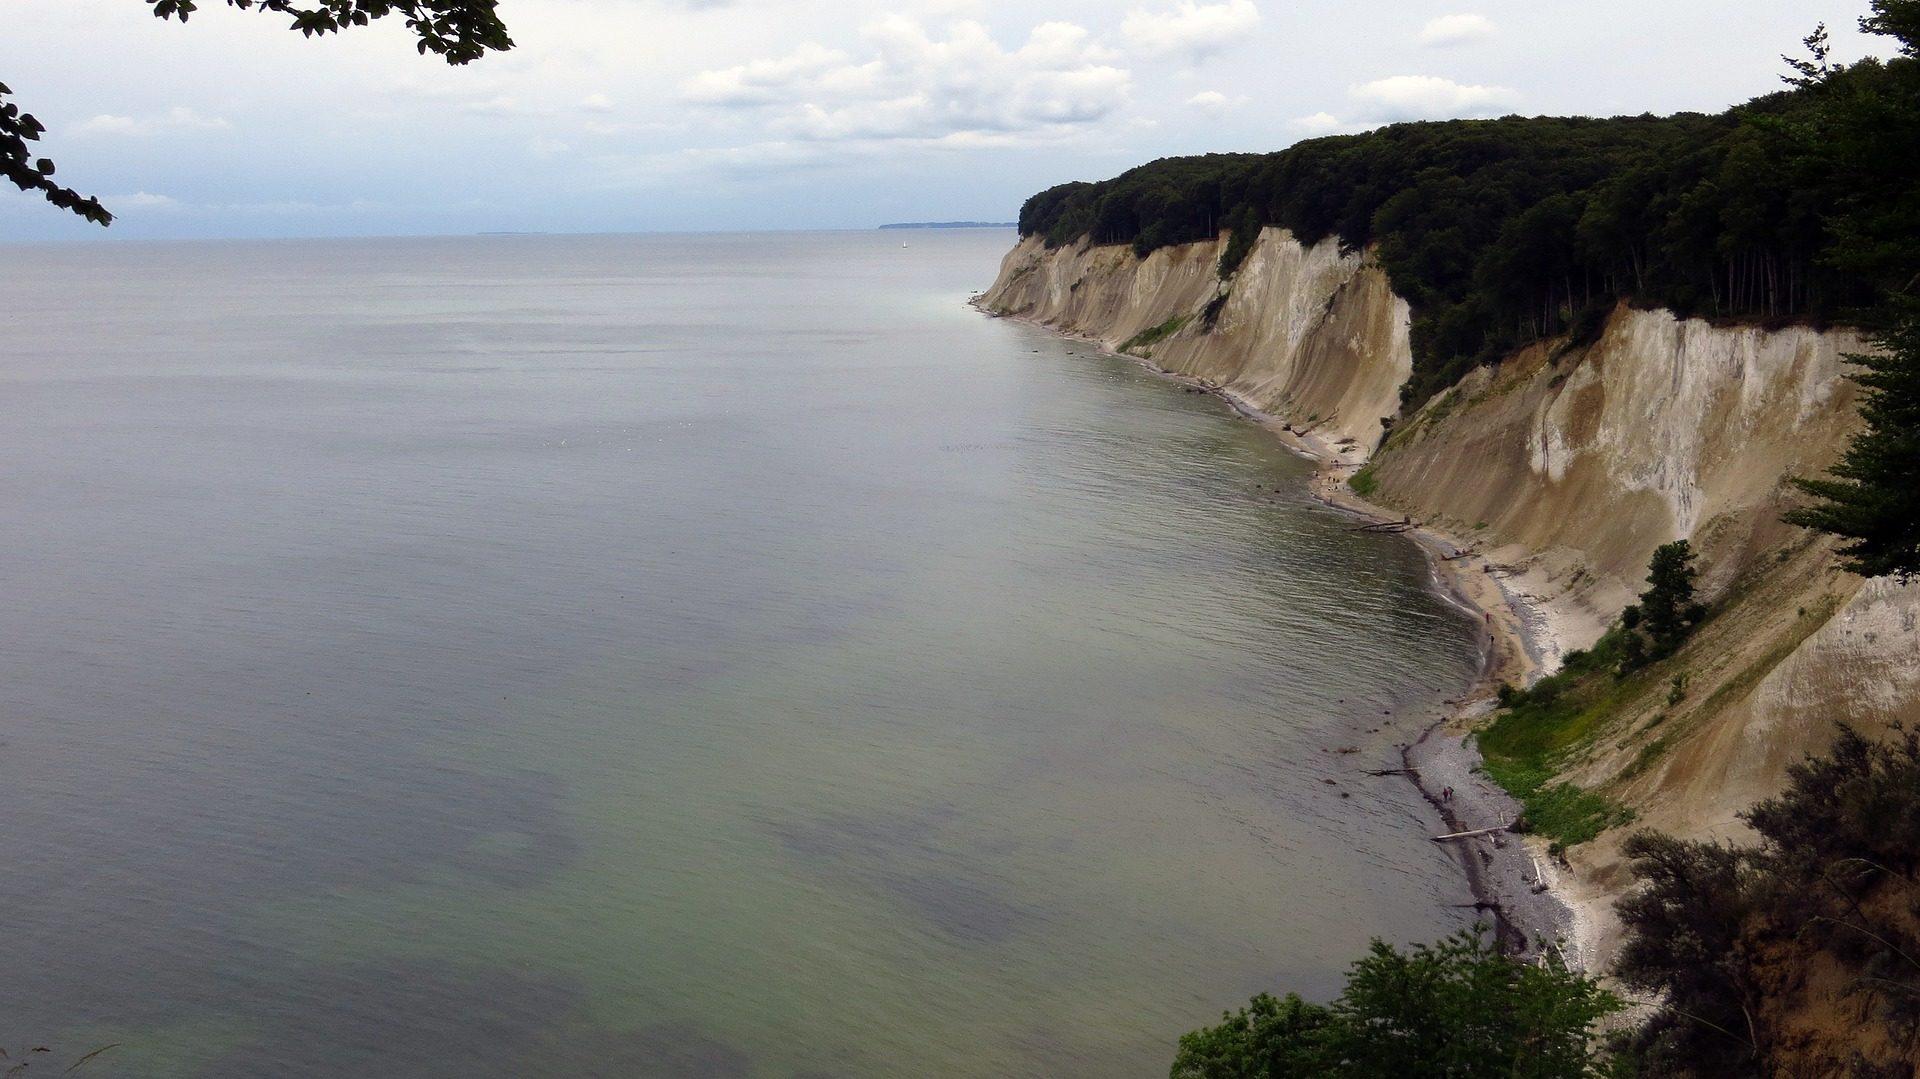 Γκρεμό, Θάλασσα, ύψος, Ρούγκεν, Γερμανία - Wallpapers HD - Professor-falken.com